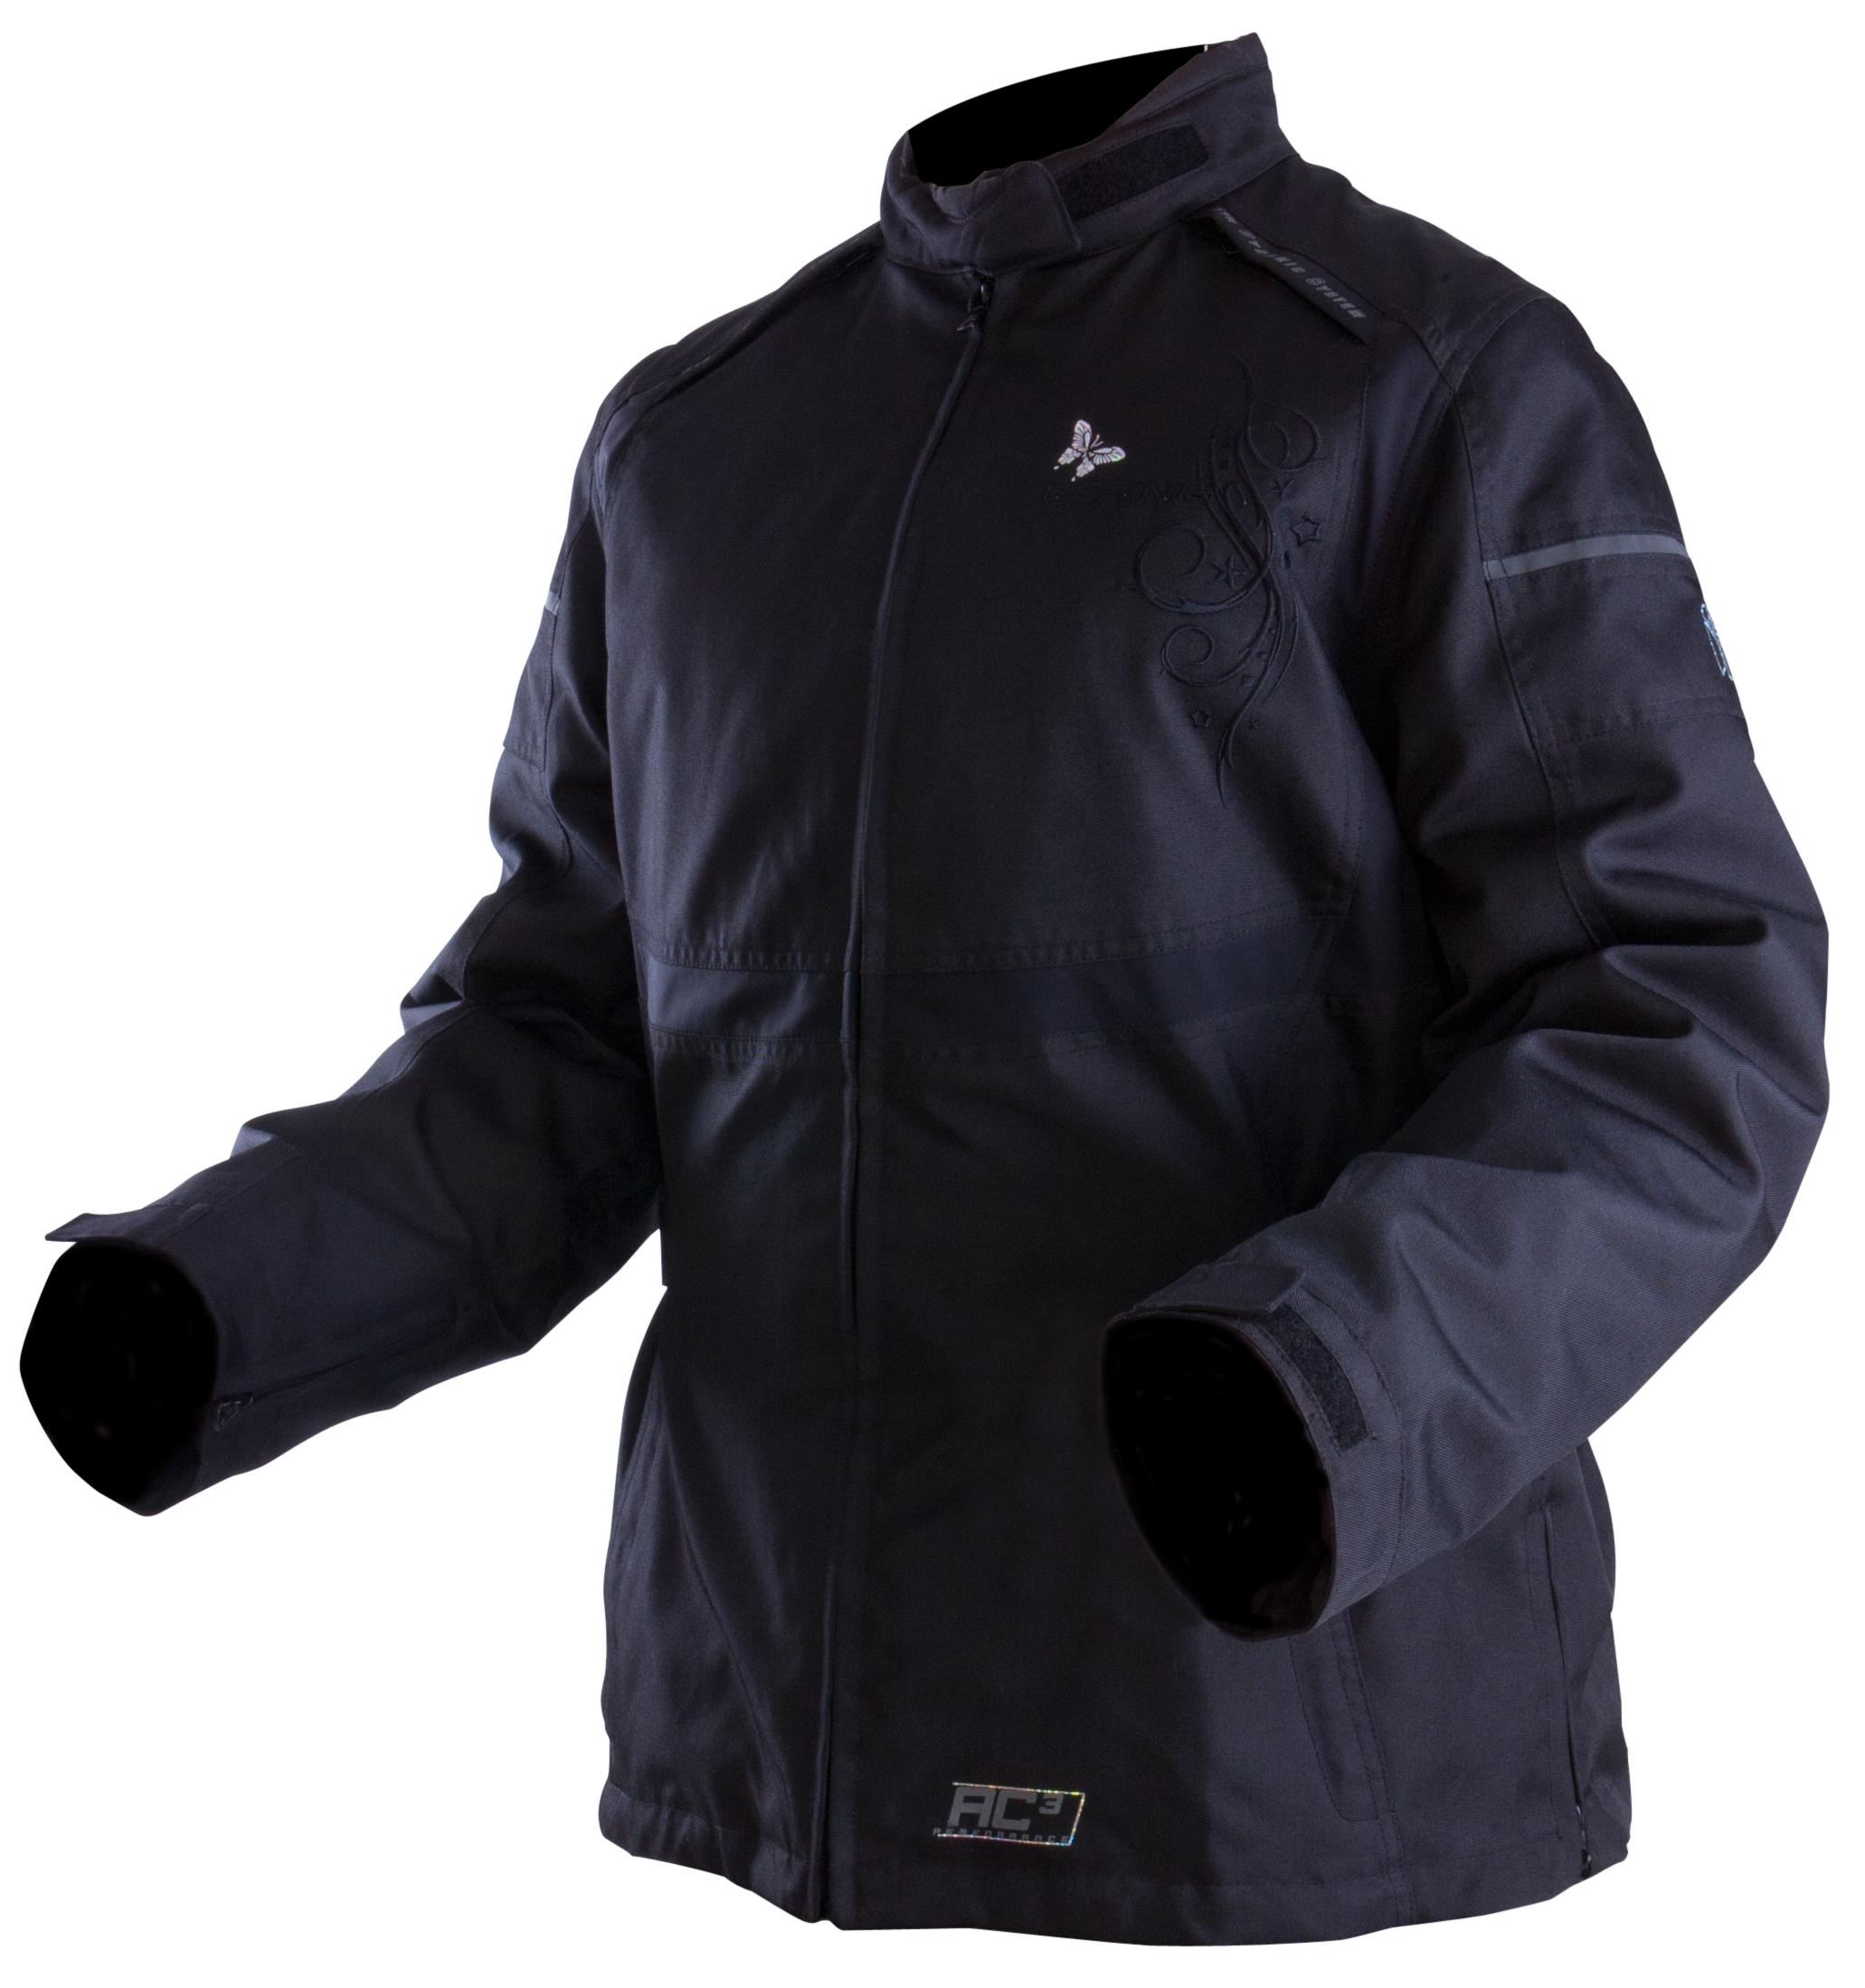 Kezdőoldal Termékek Bering motoros ruházat Női textil dzseki Lady Casta  (Queen Size) · Lady Casta (Queen Size) PRV960 495d04653a